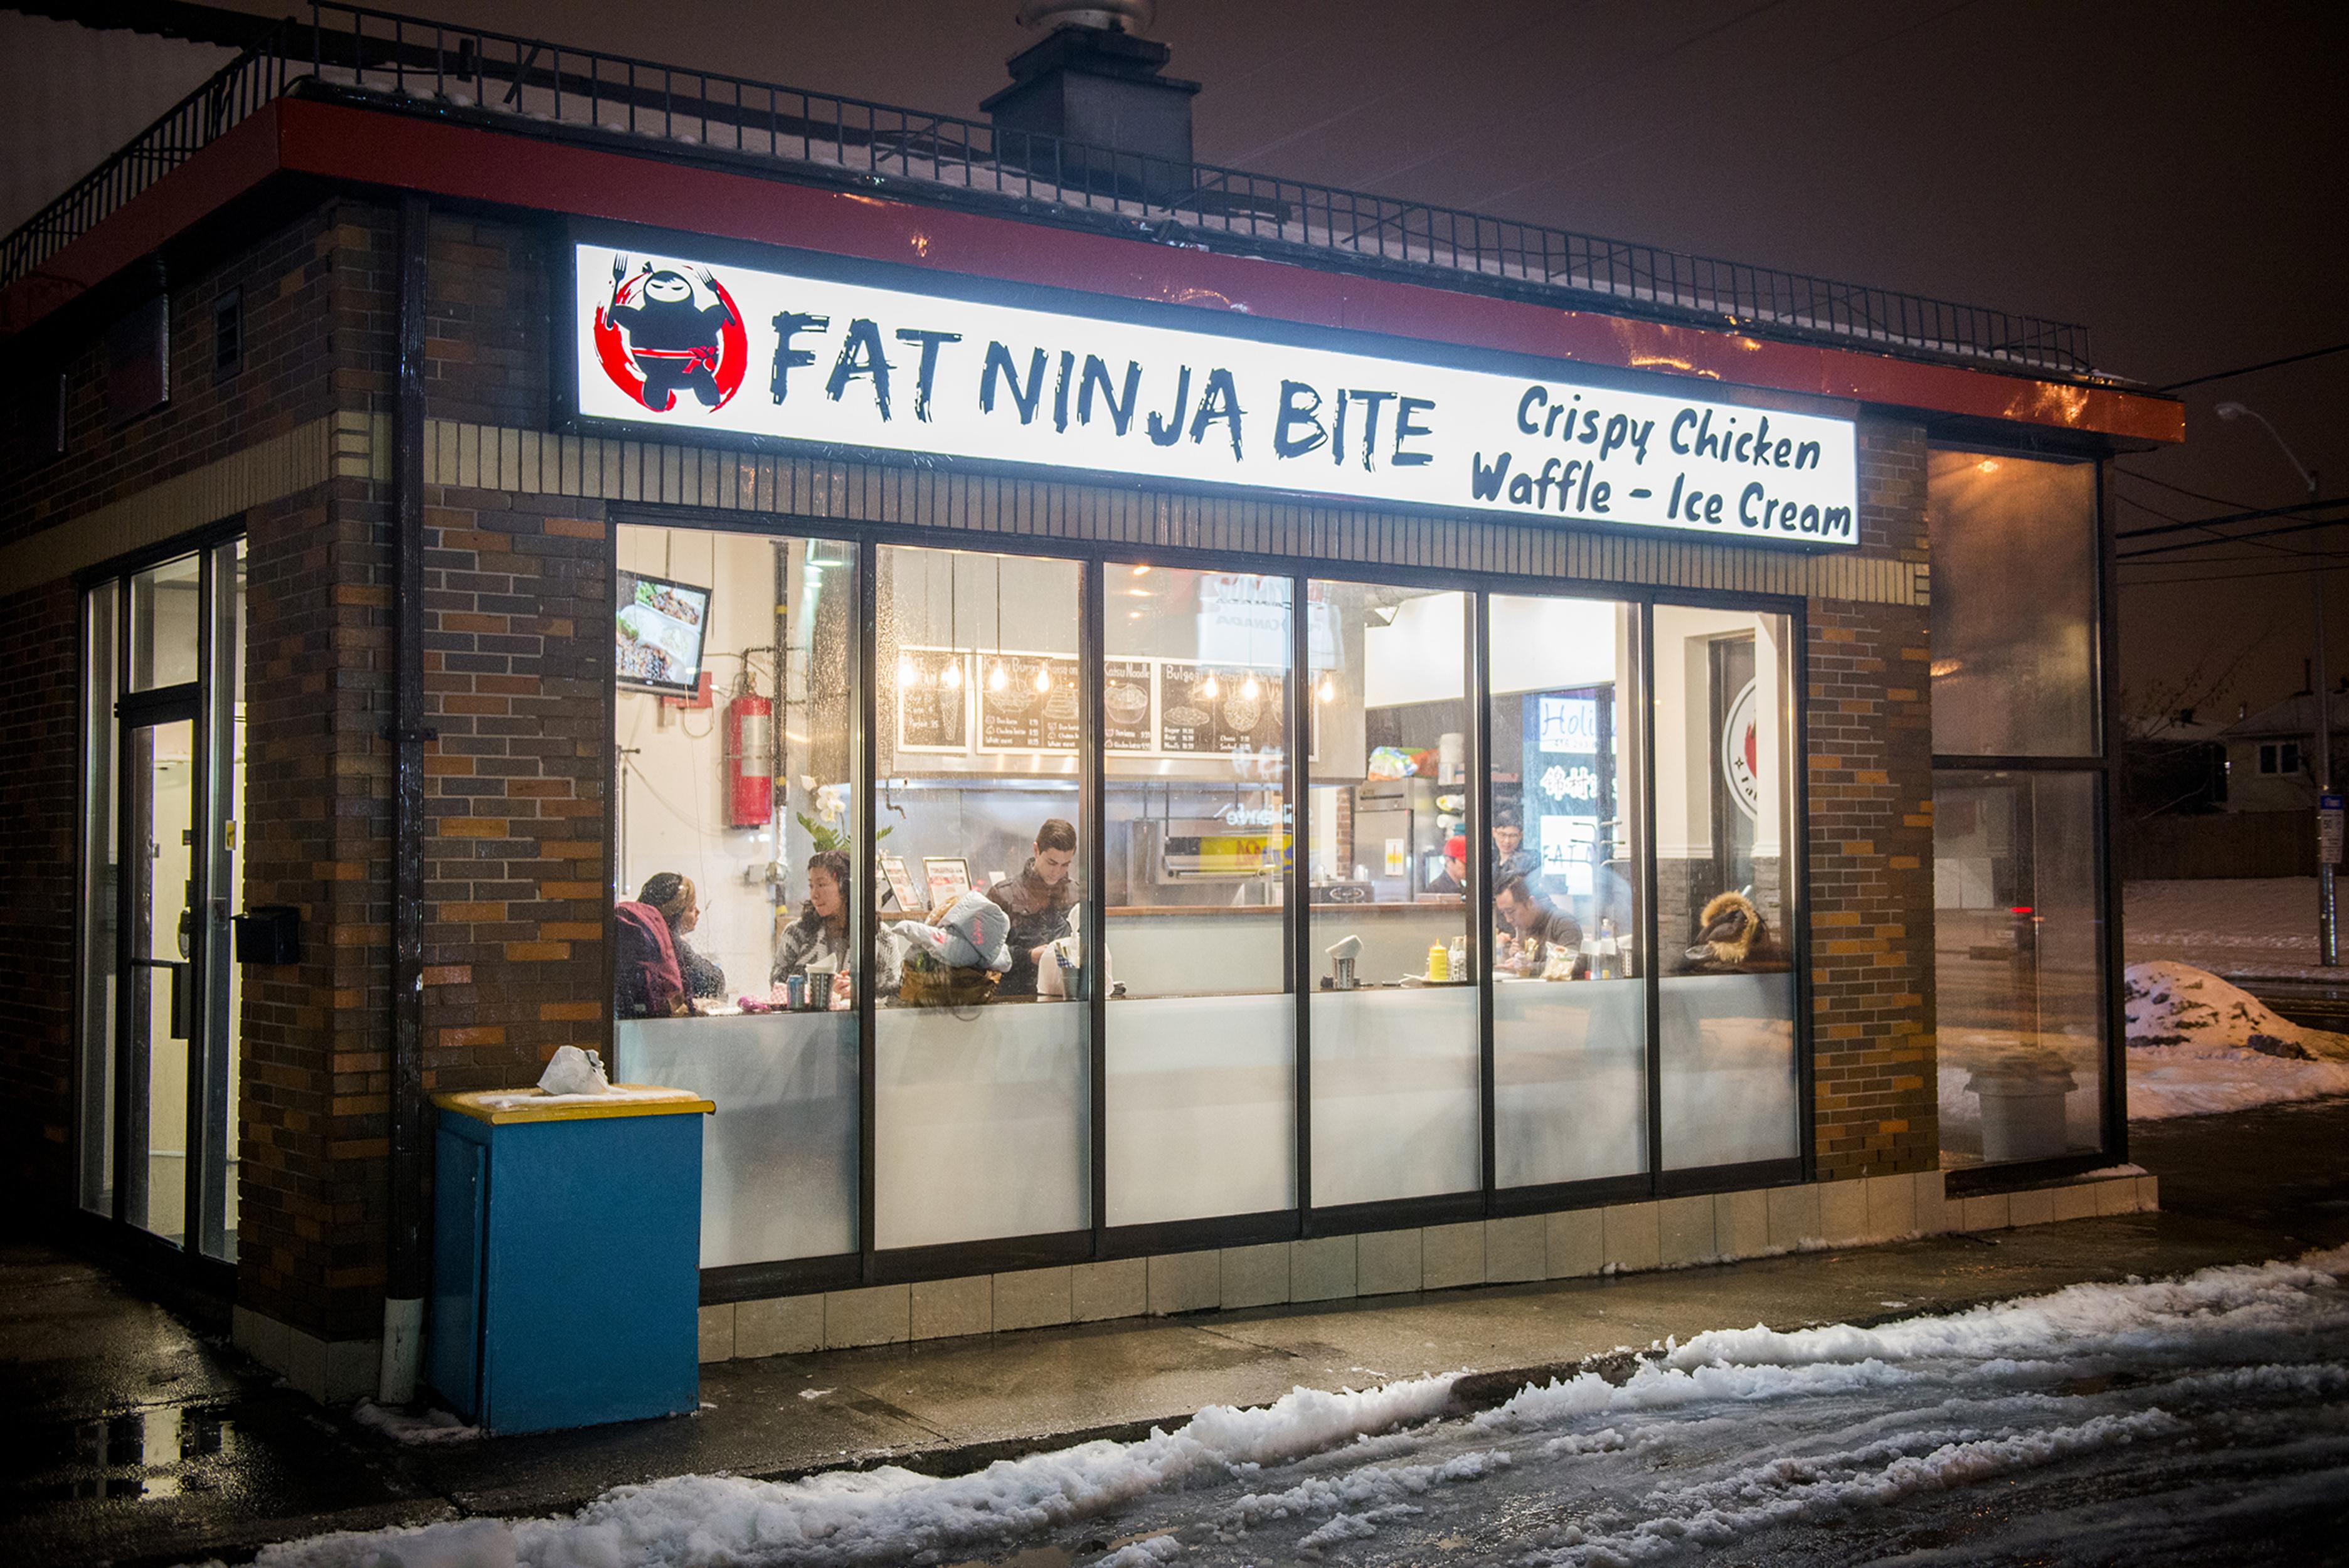 fat ninja bite